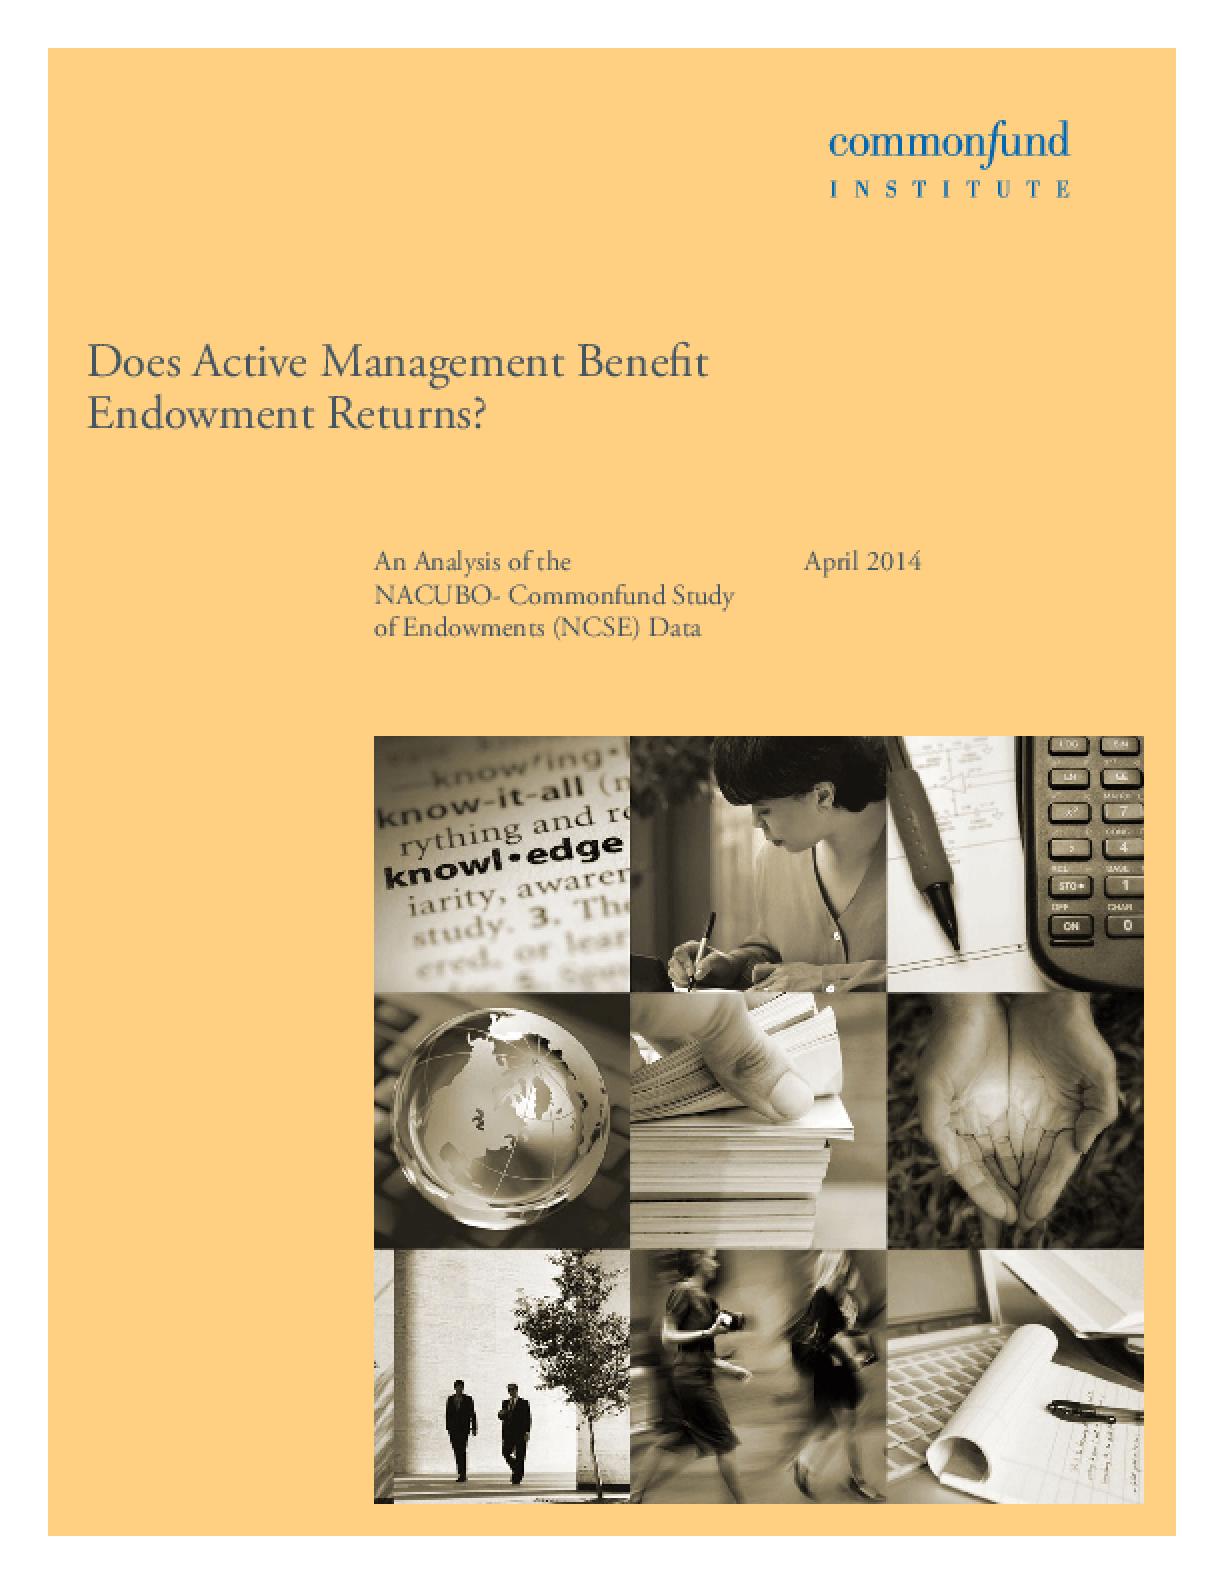 Does Active Management Benefit Endowment Returns?